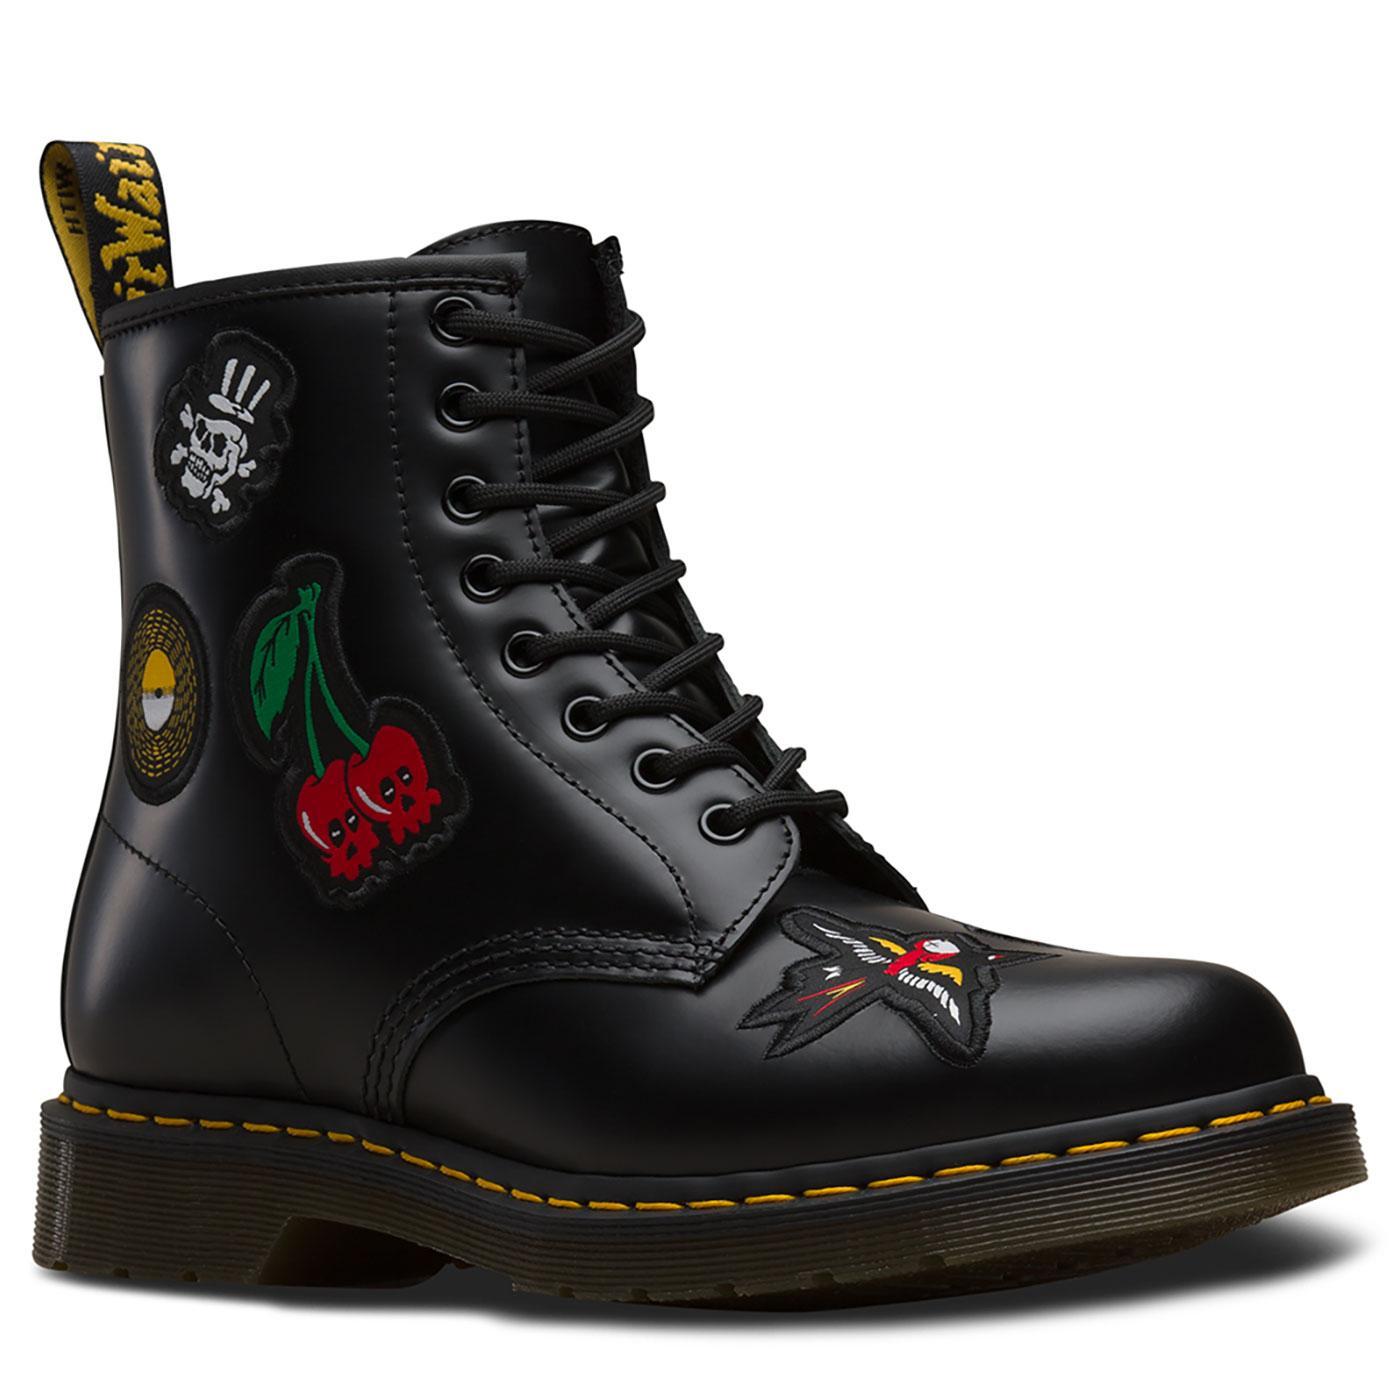 1460 Patch DR MARTENS Retro 70's Punk Rock Boots